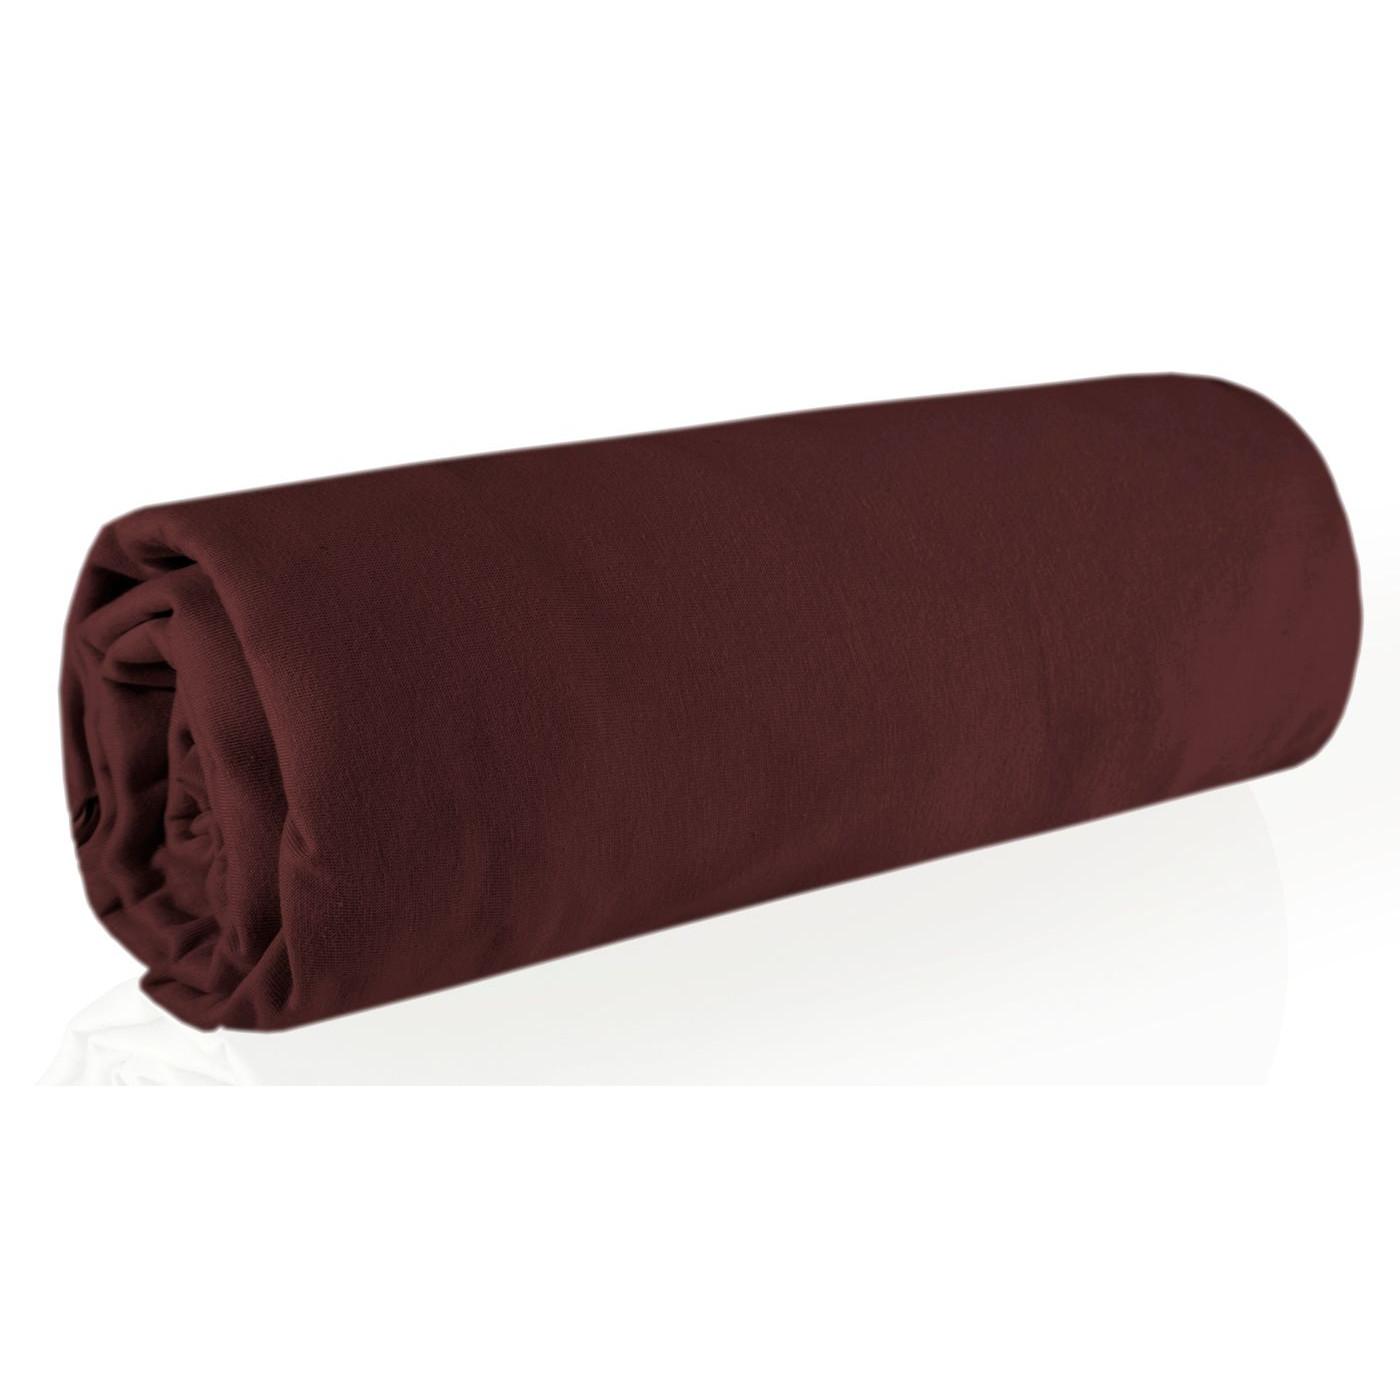 Prześcieradło bawełniane gładkie 160x200+30cm 150 kolor czekoladowy